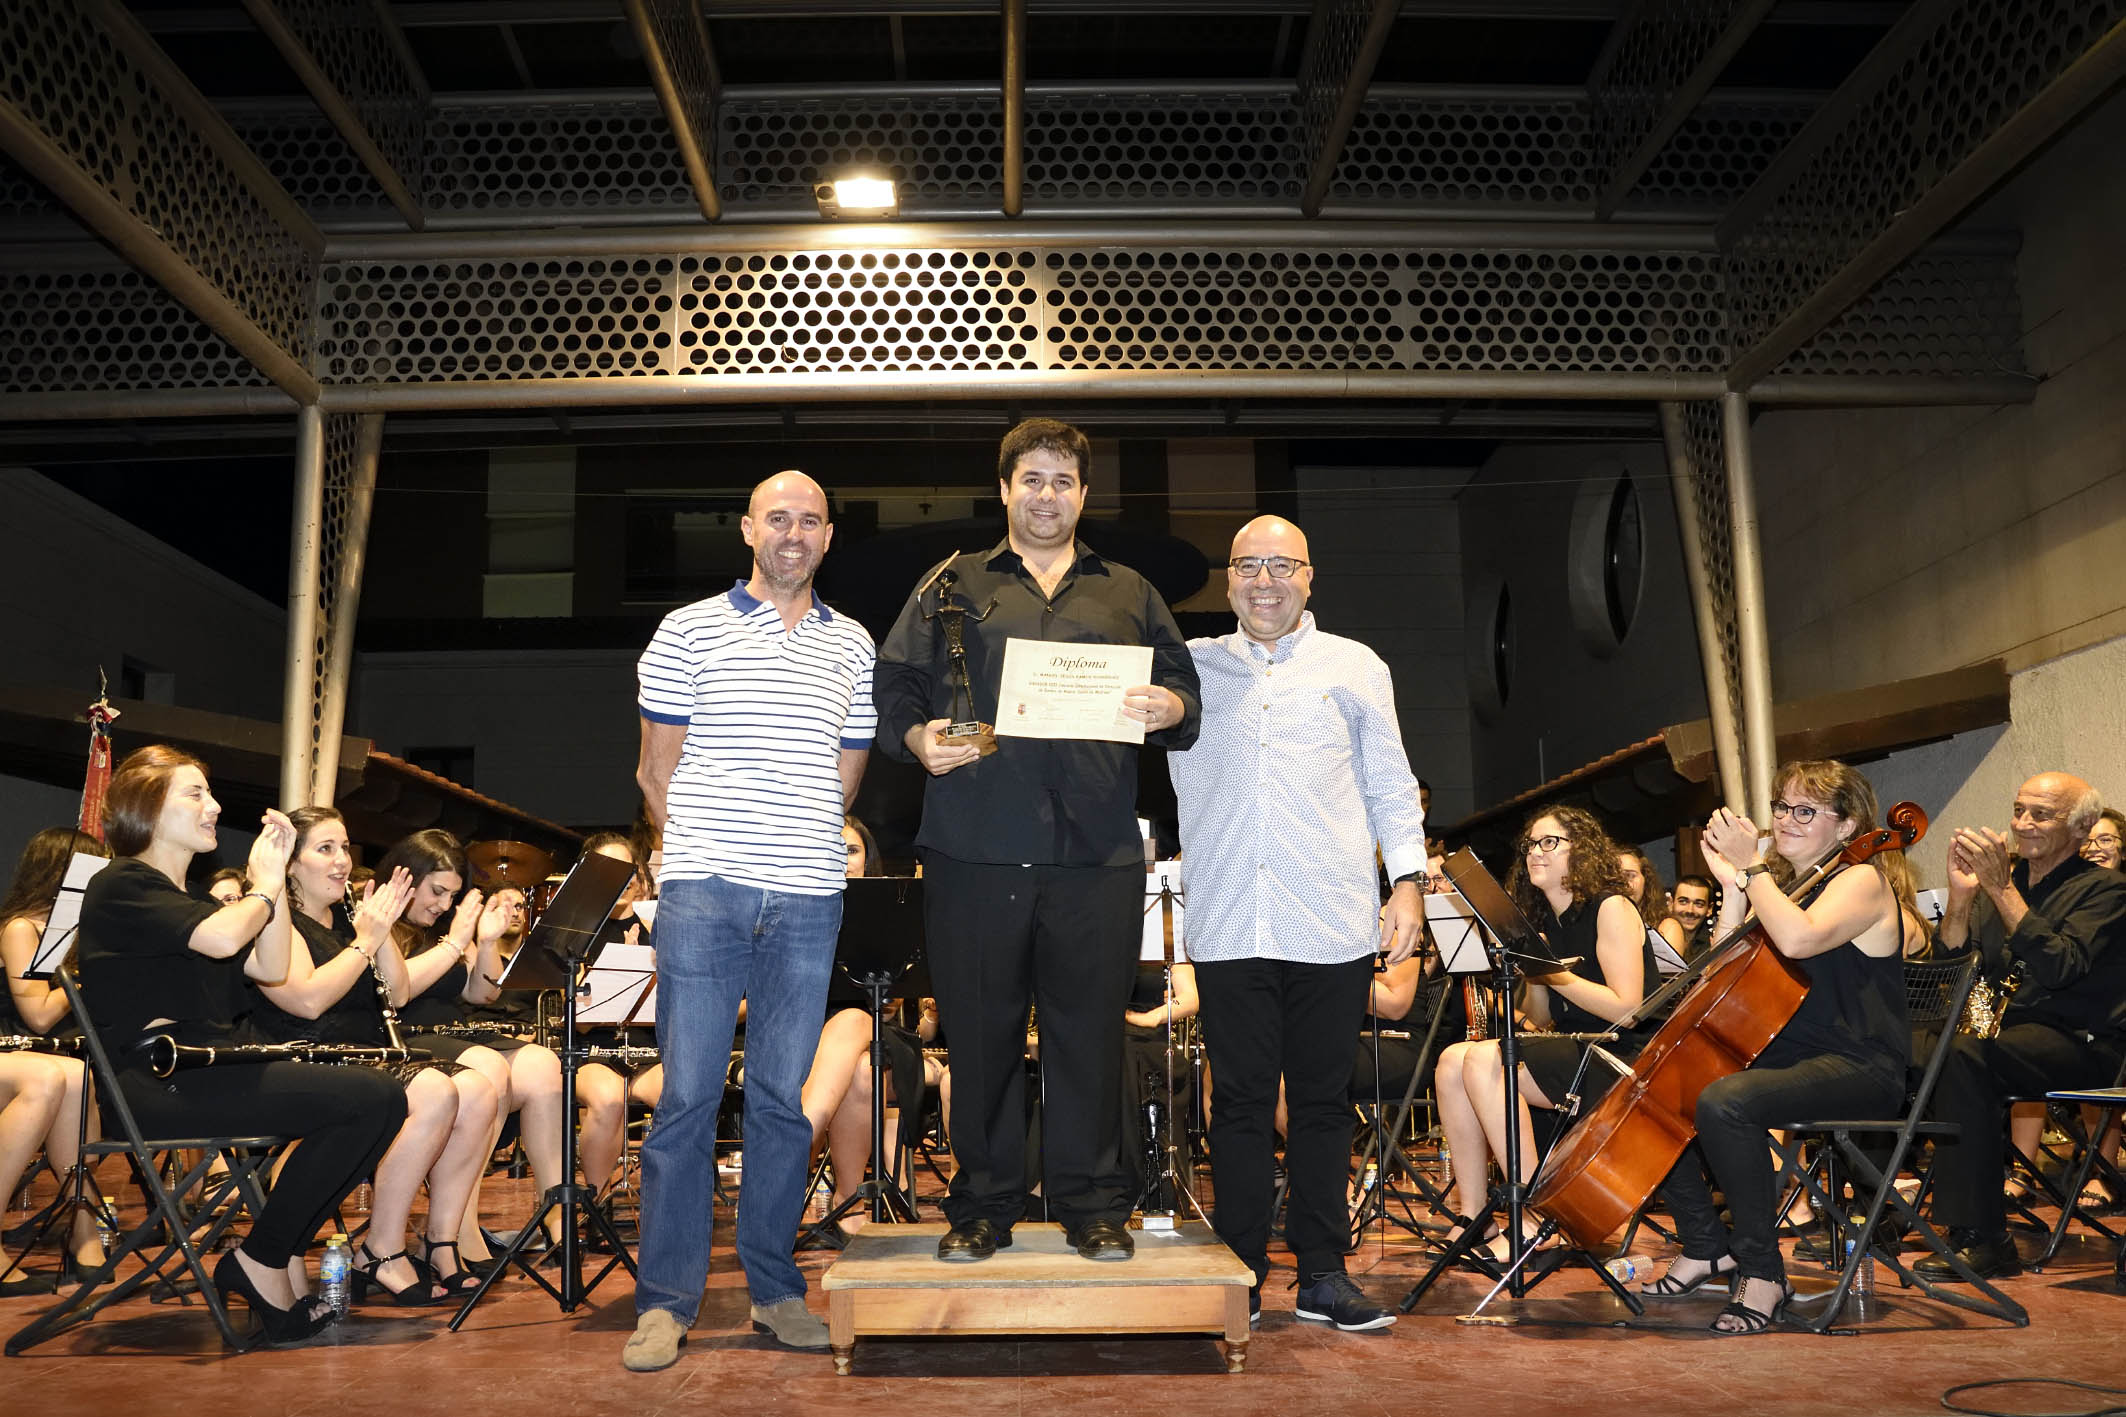 Un gran concierto clausura el XIII Curso Internacional de Dirección de Bandas